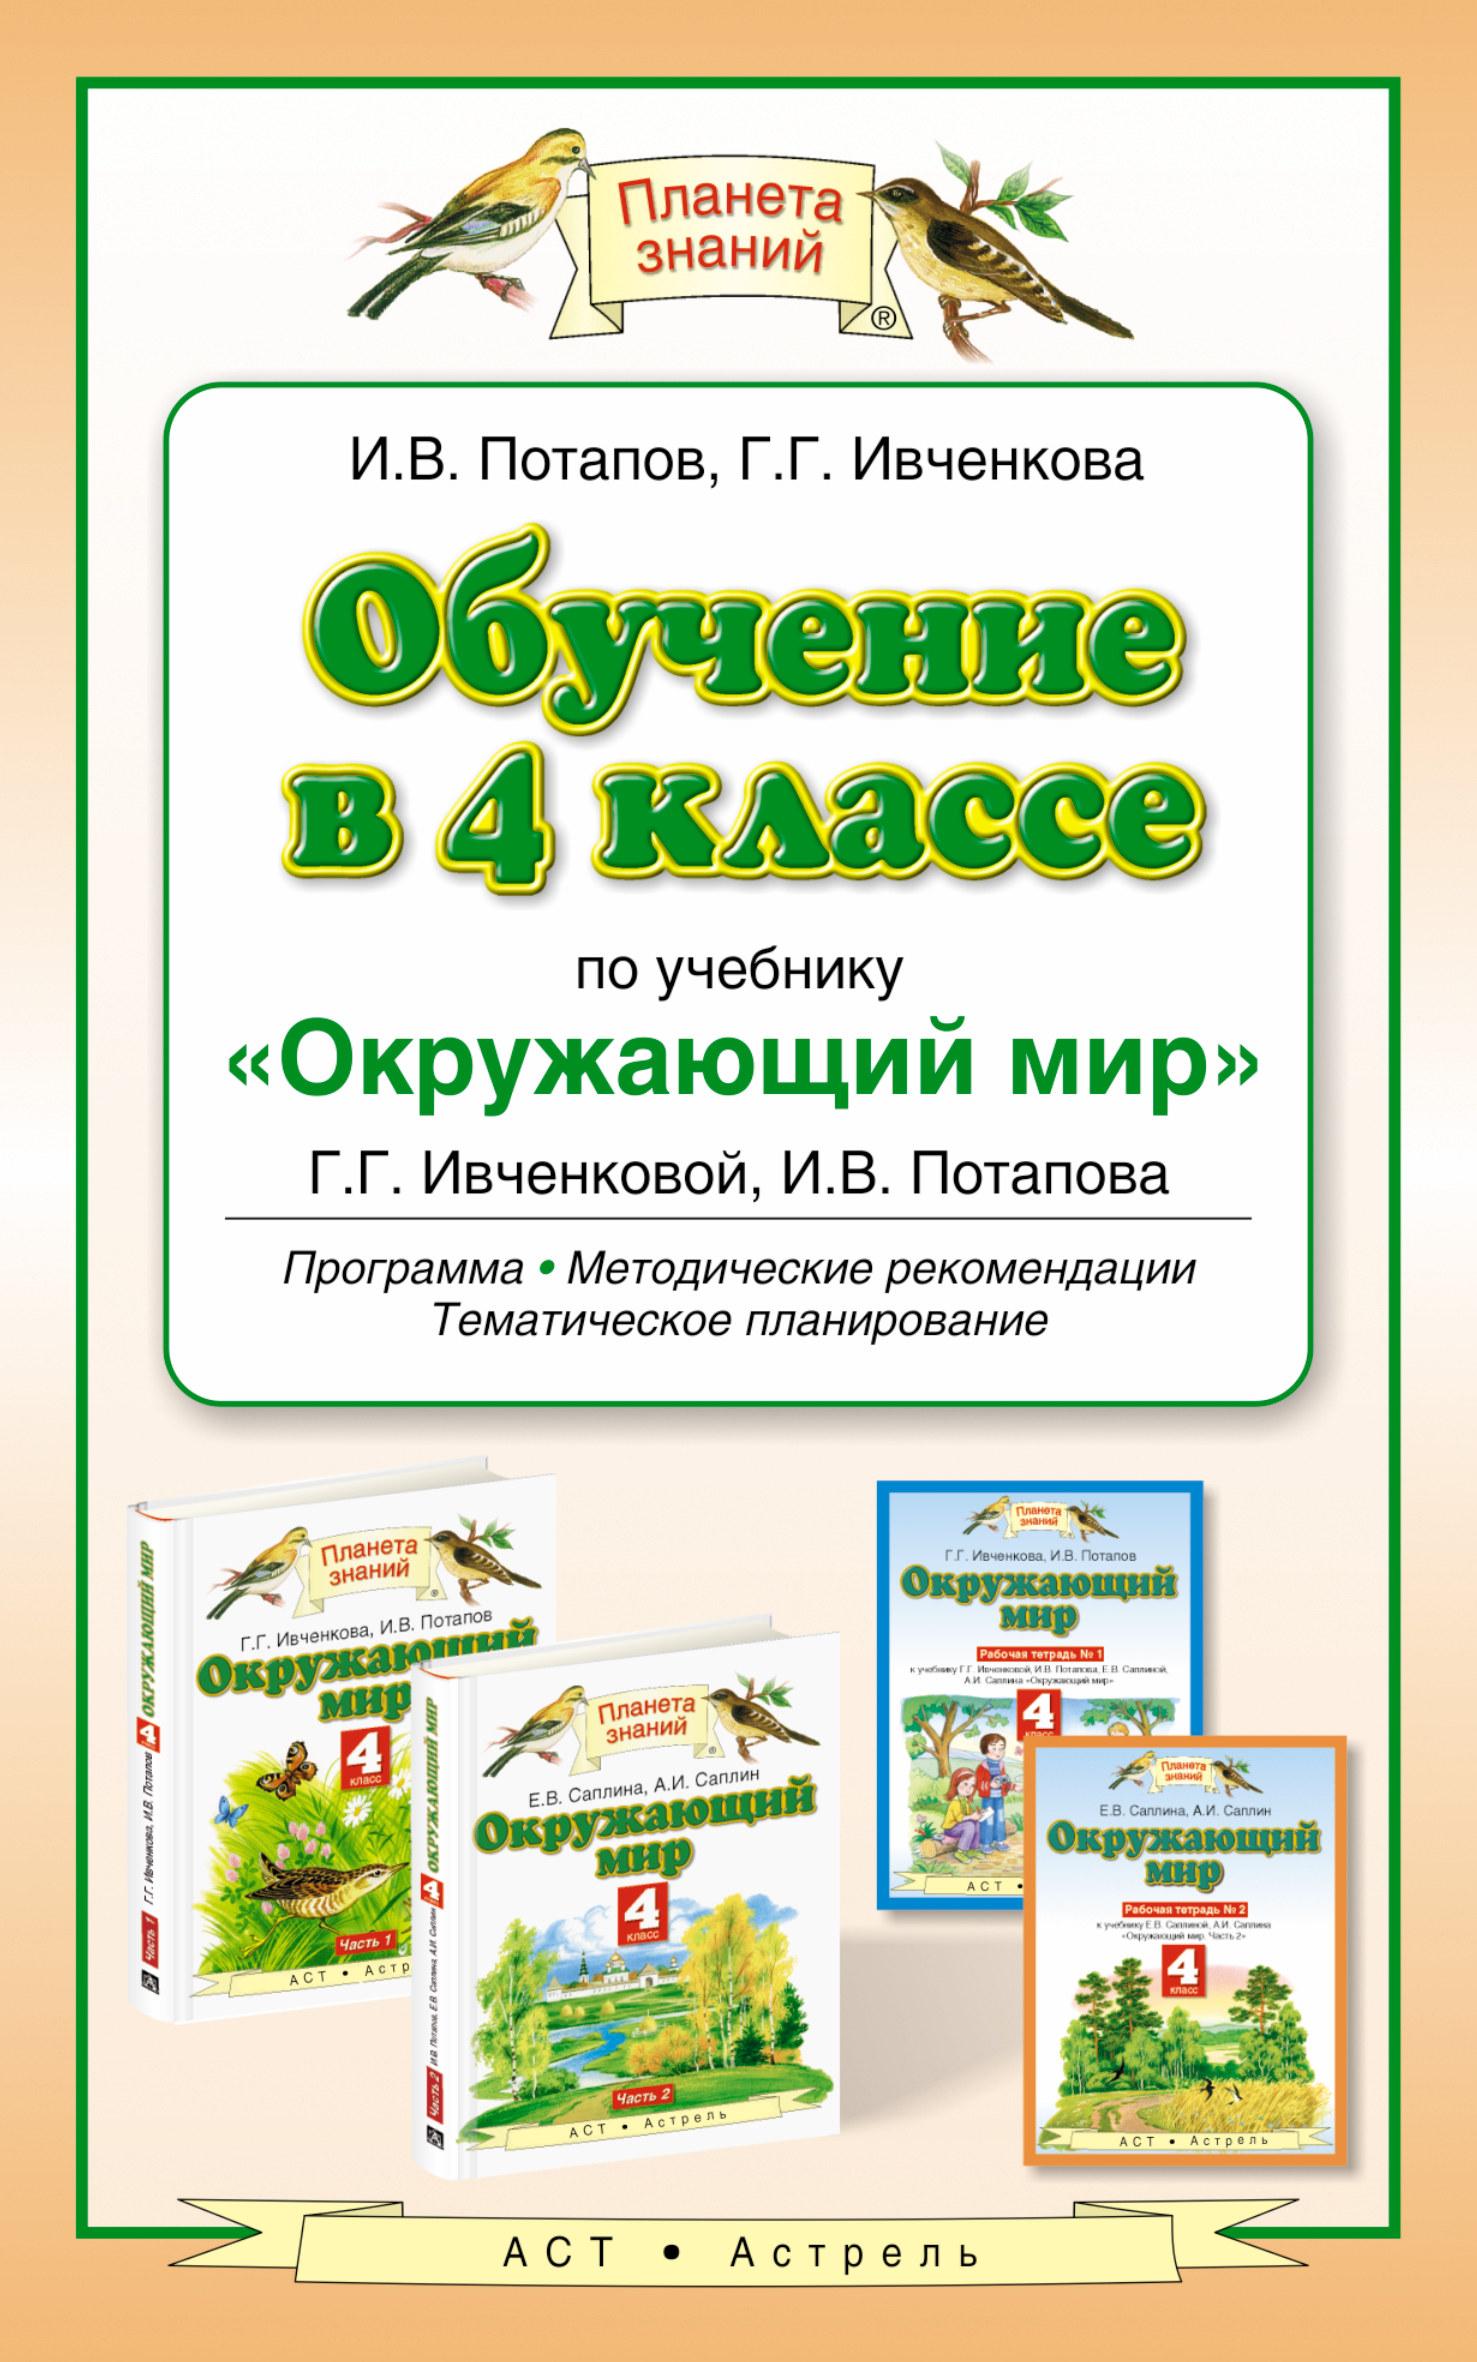 Потапов И.В., Ивченкова Г.Г. Обучение в 4 классе по учебнику «Окружающий мир»